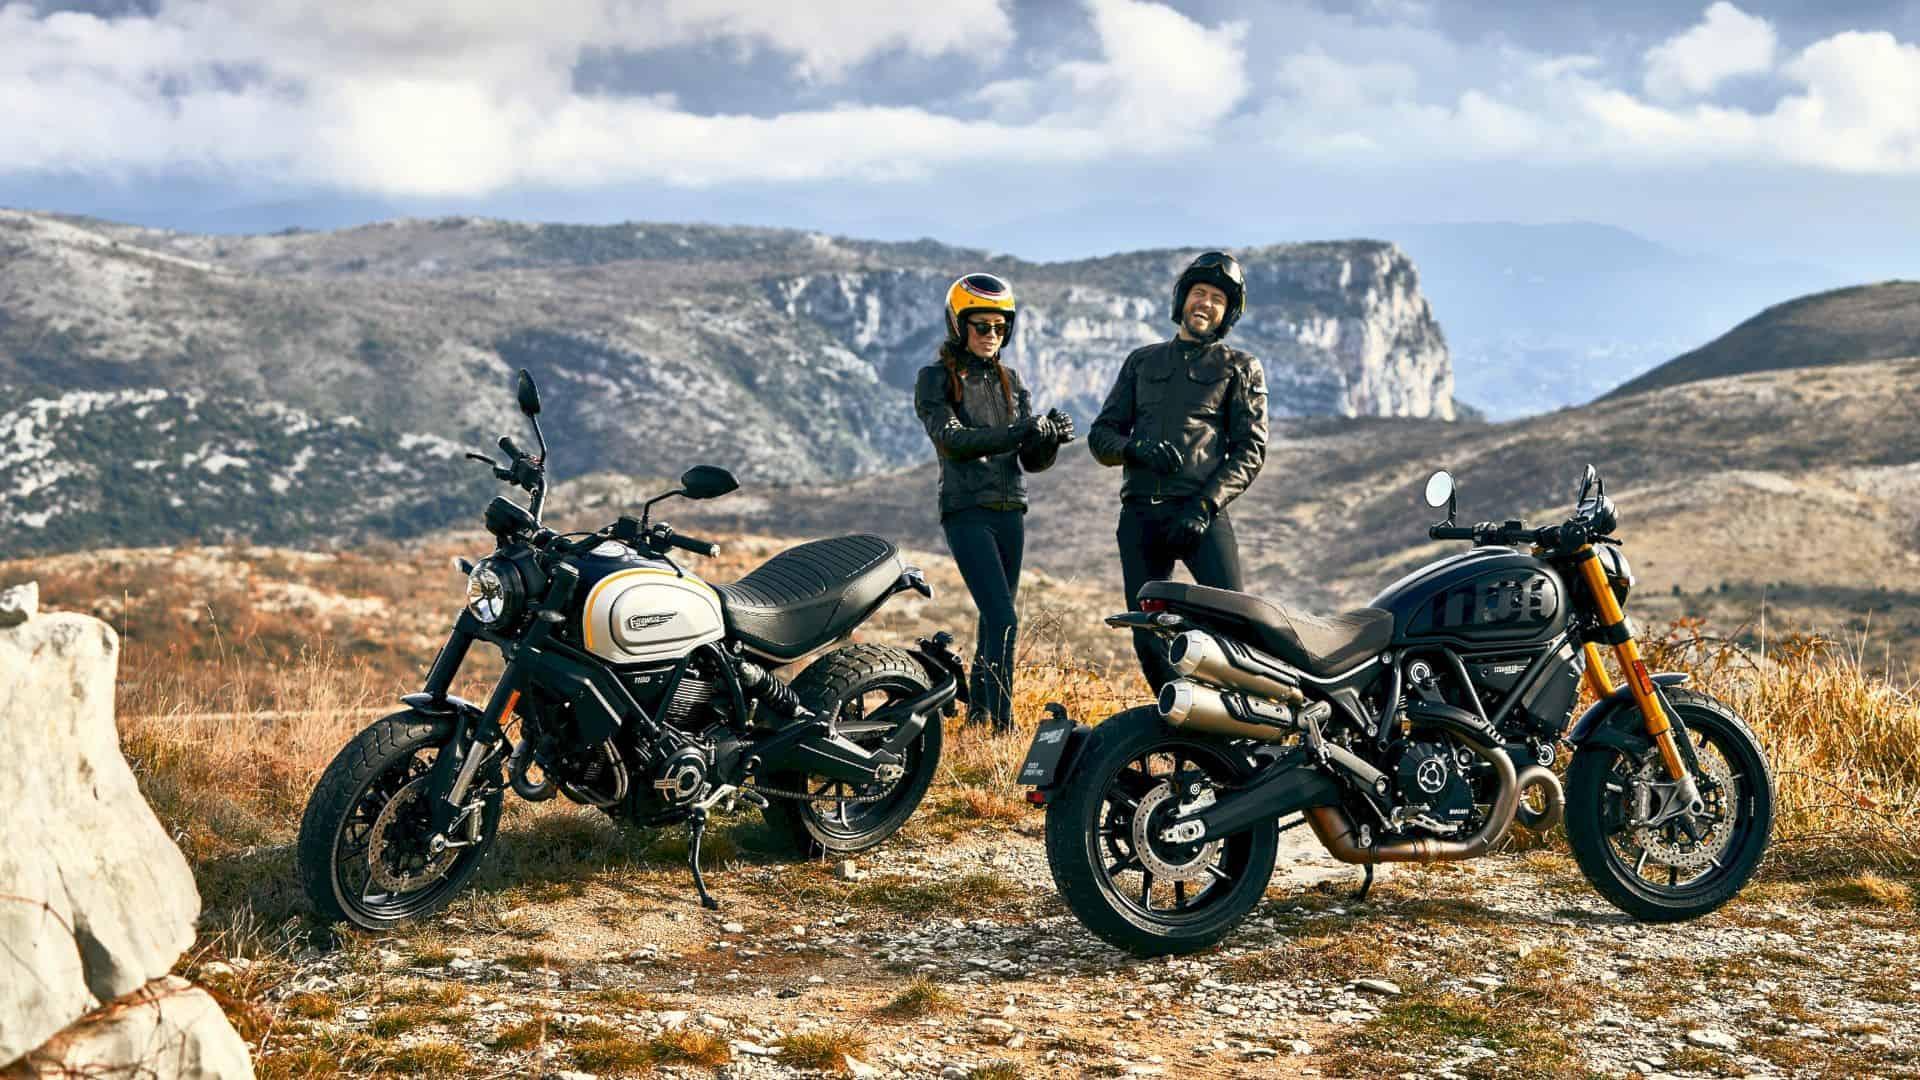 Scrambler Ducati 1100 Pro 4